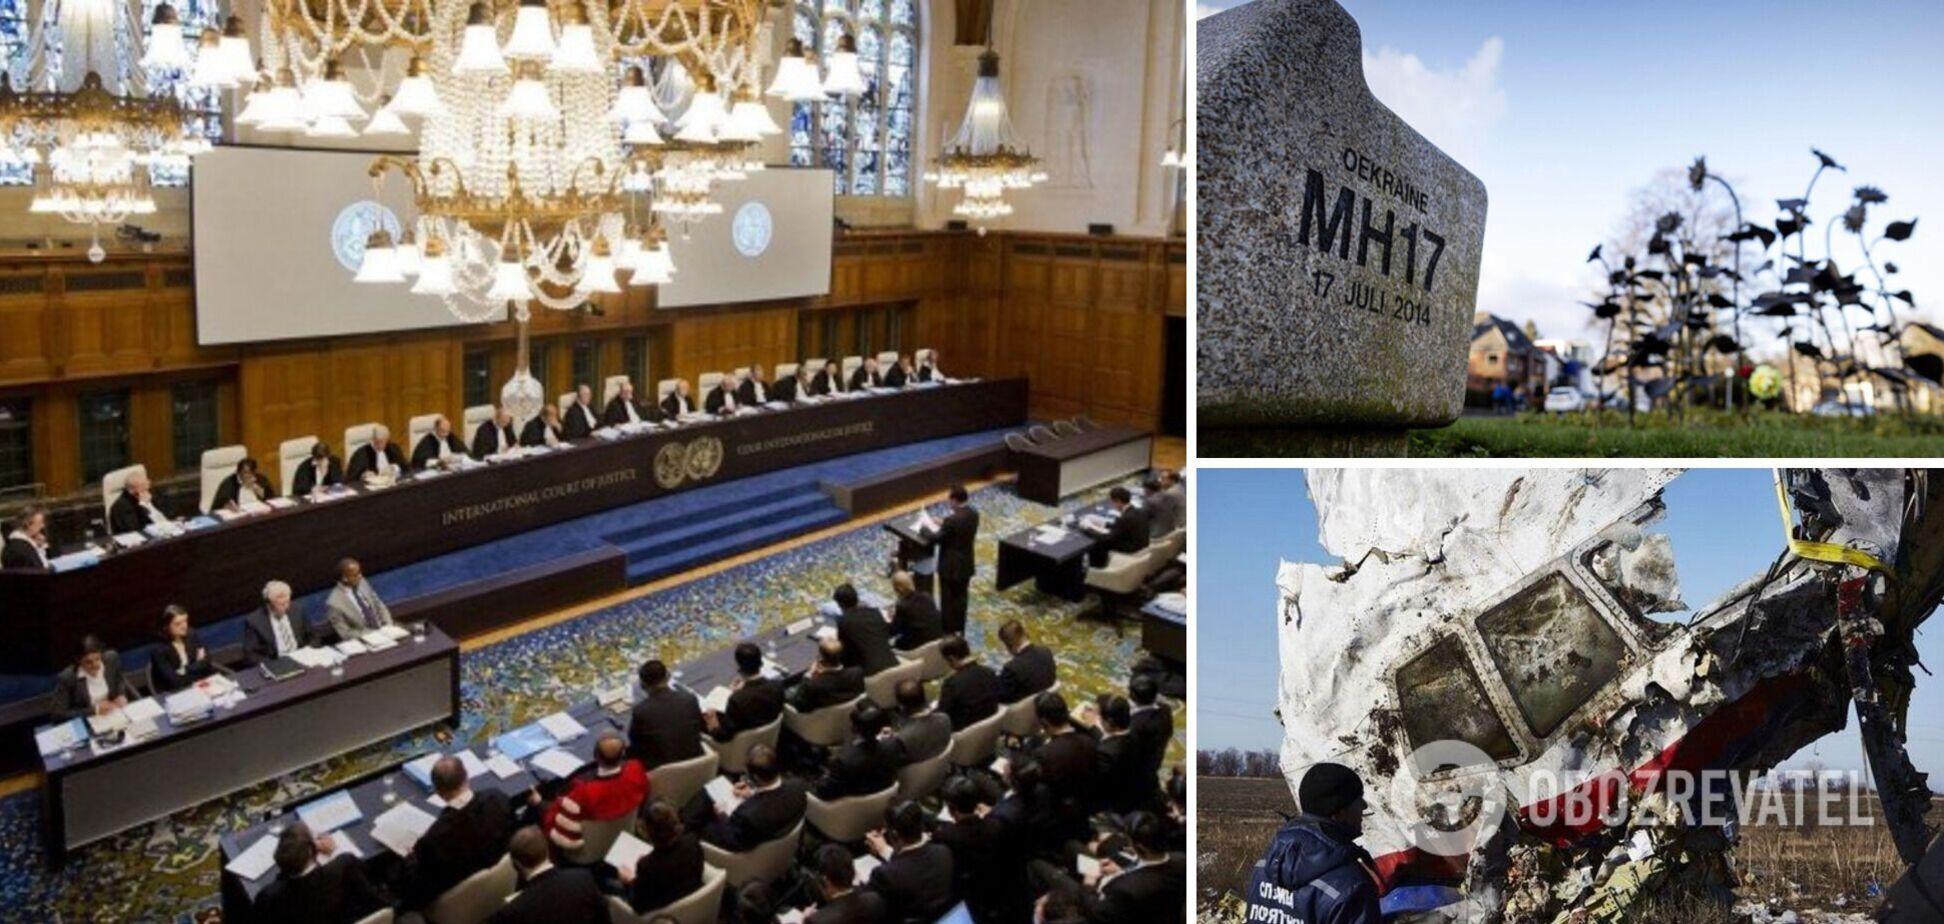 Родичі загиблих у катастрофі МН17: ми закликаємо російську владу визнати провину і співпрацювати із судом